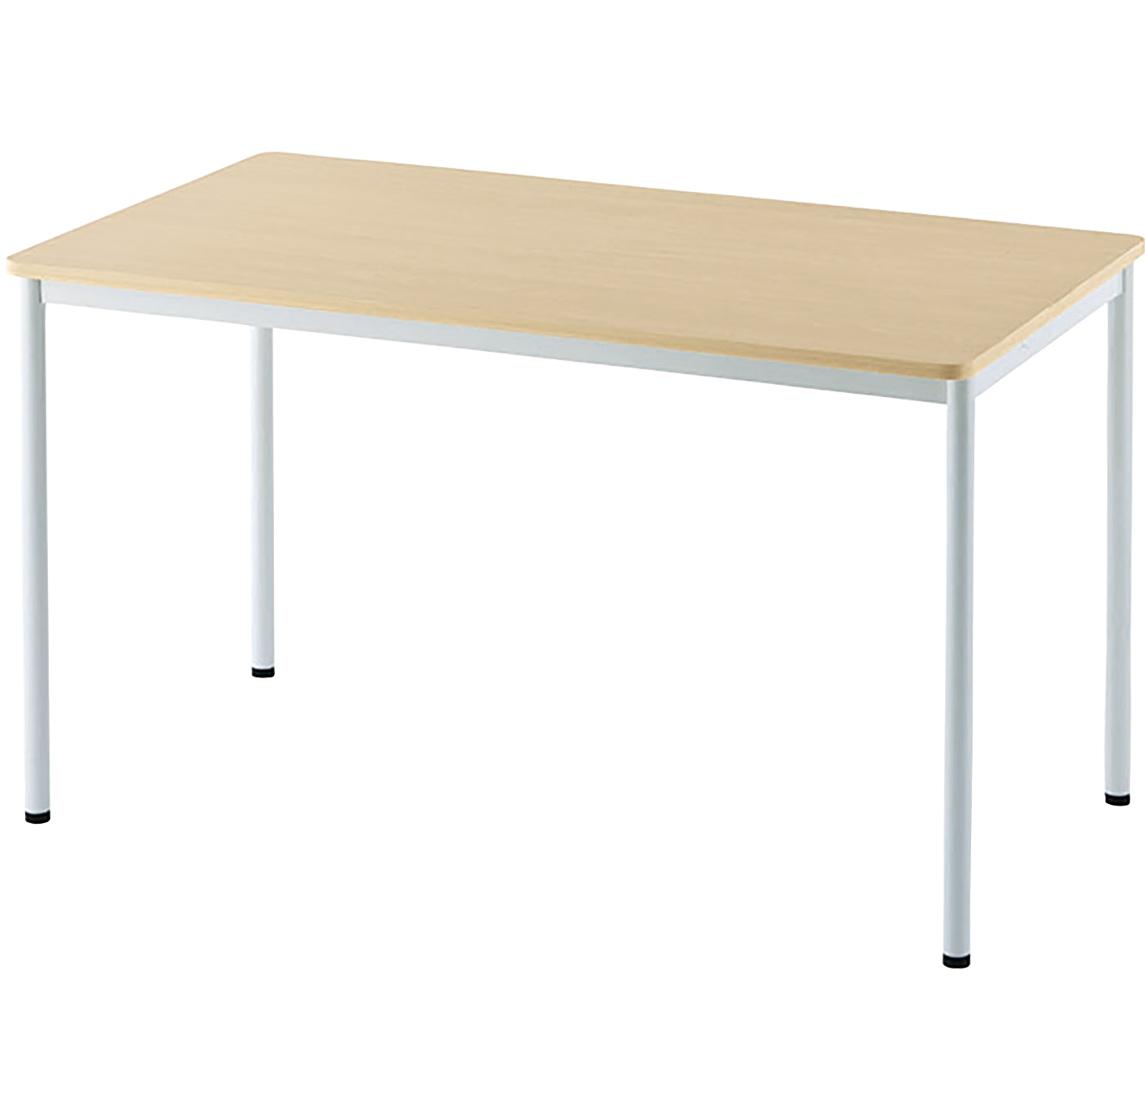 シンプルテーブル ラディーシリーズ W1200 D700 H700 ナチュラル テーブル ミーティングテーブル RYシリーズ オフィス家具 オフィステーブル 会議用テーブル フ